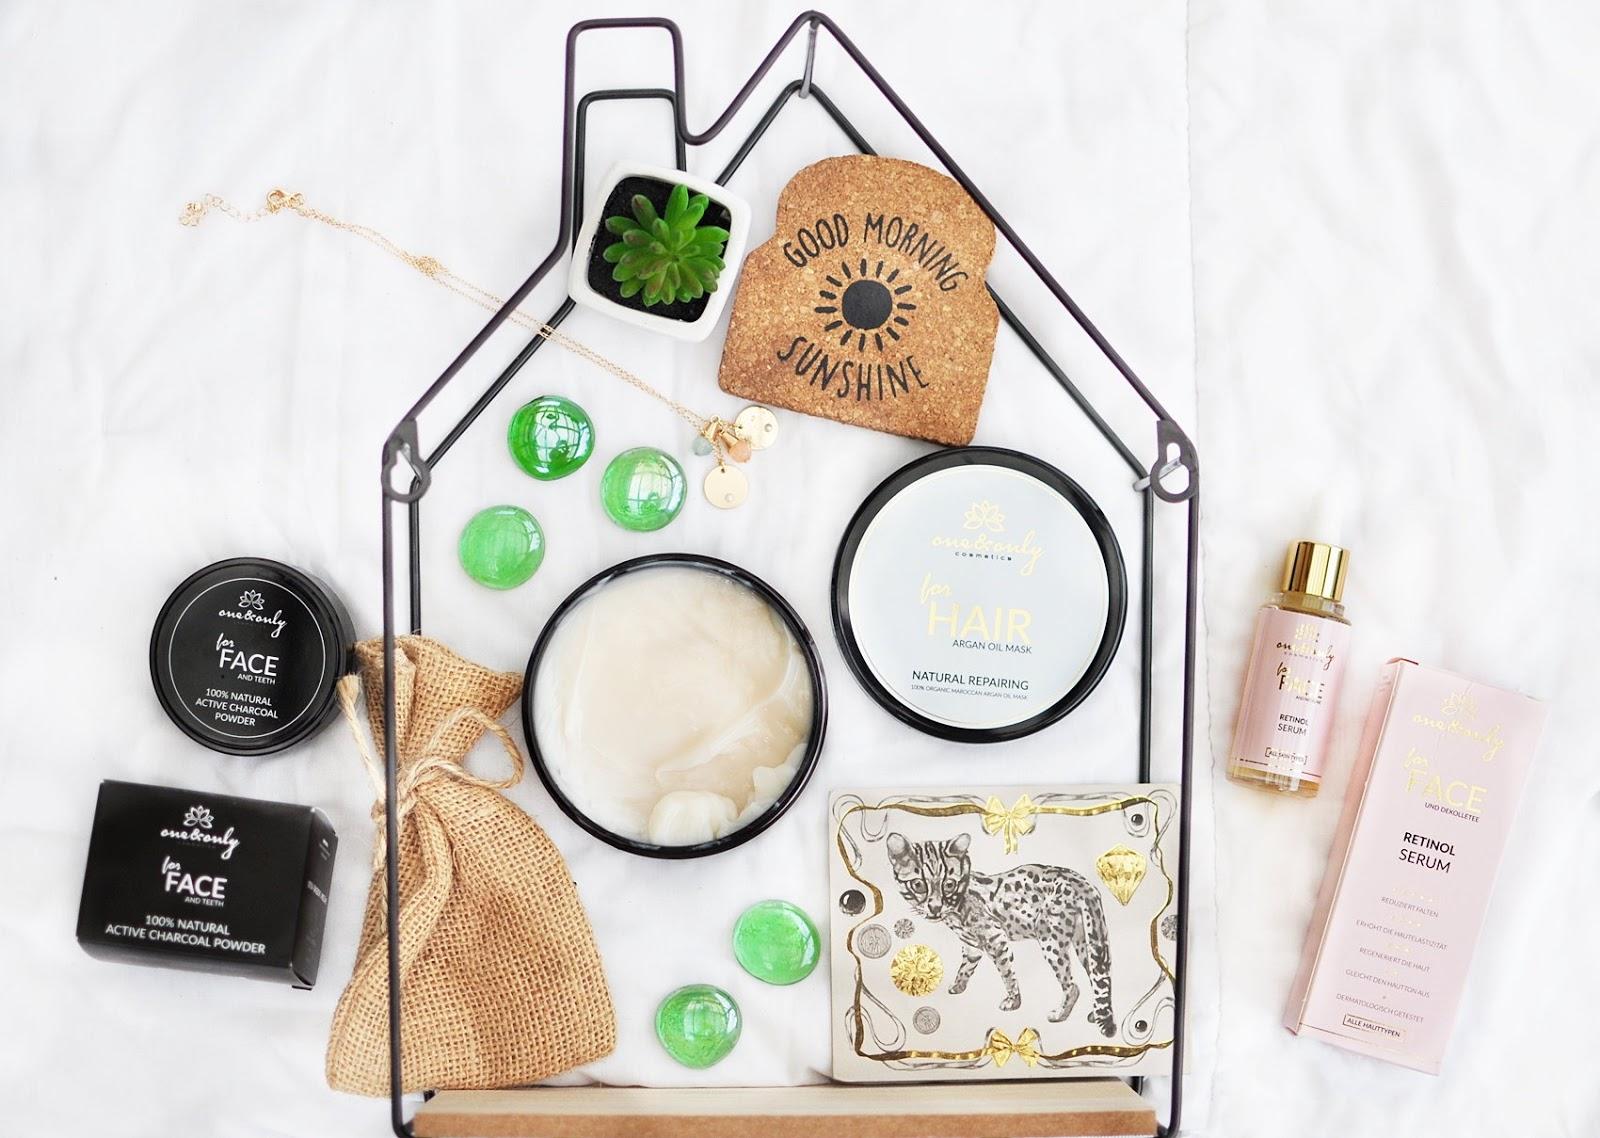 Sposoby na piękno z ekskluzywnymi kosmetykami One Only Cosmetics